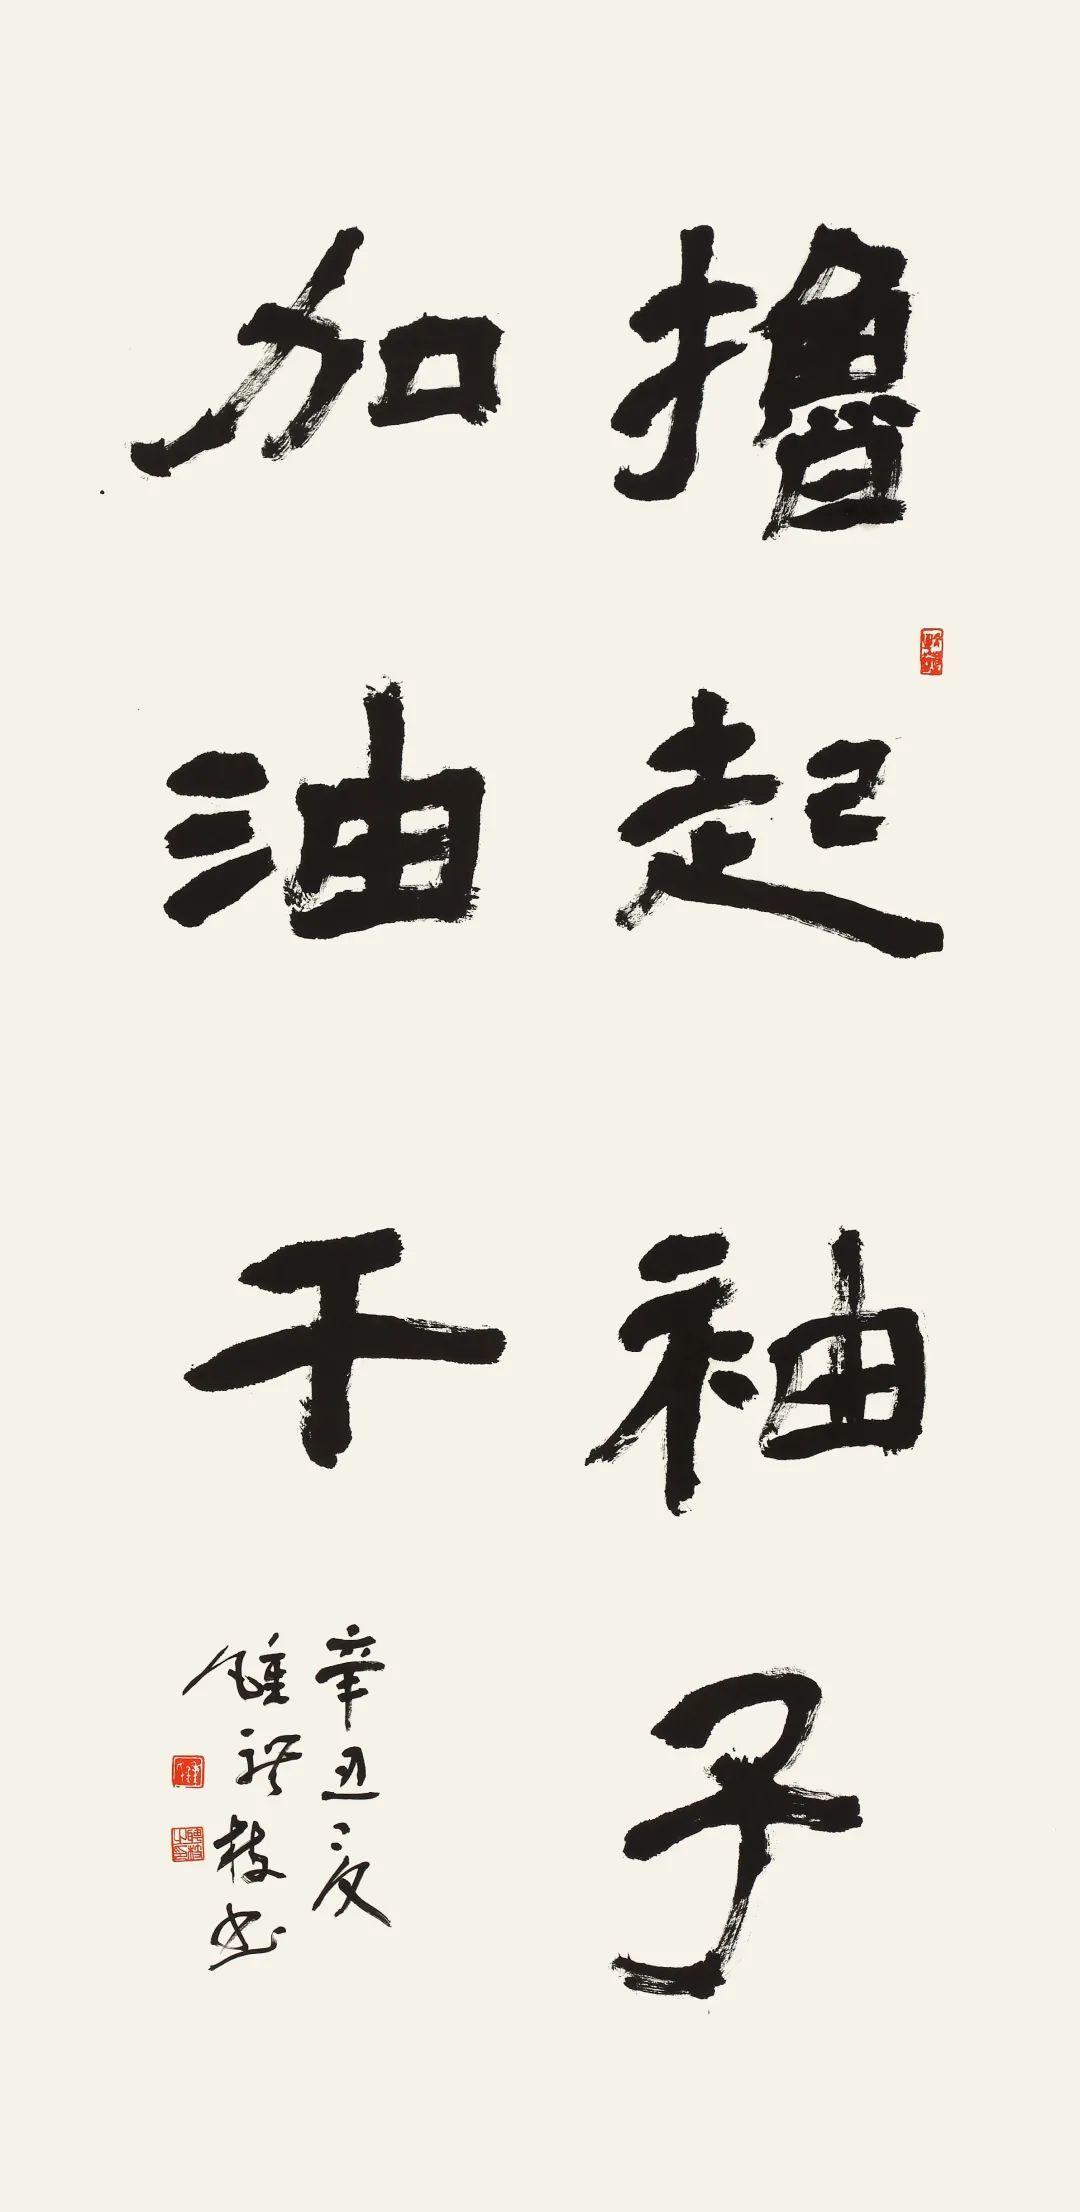 广州市书法家协会会员、广州羊城书法研究会会员钟聘枝